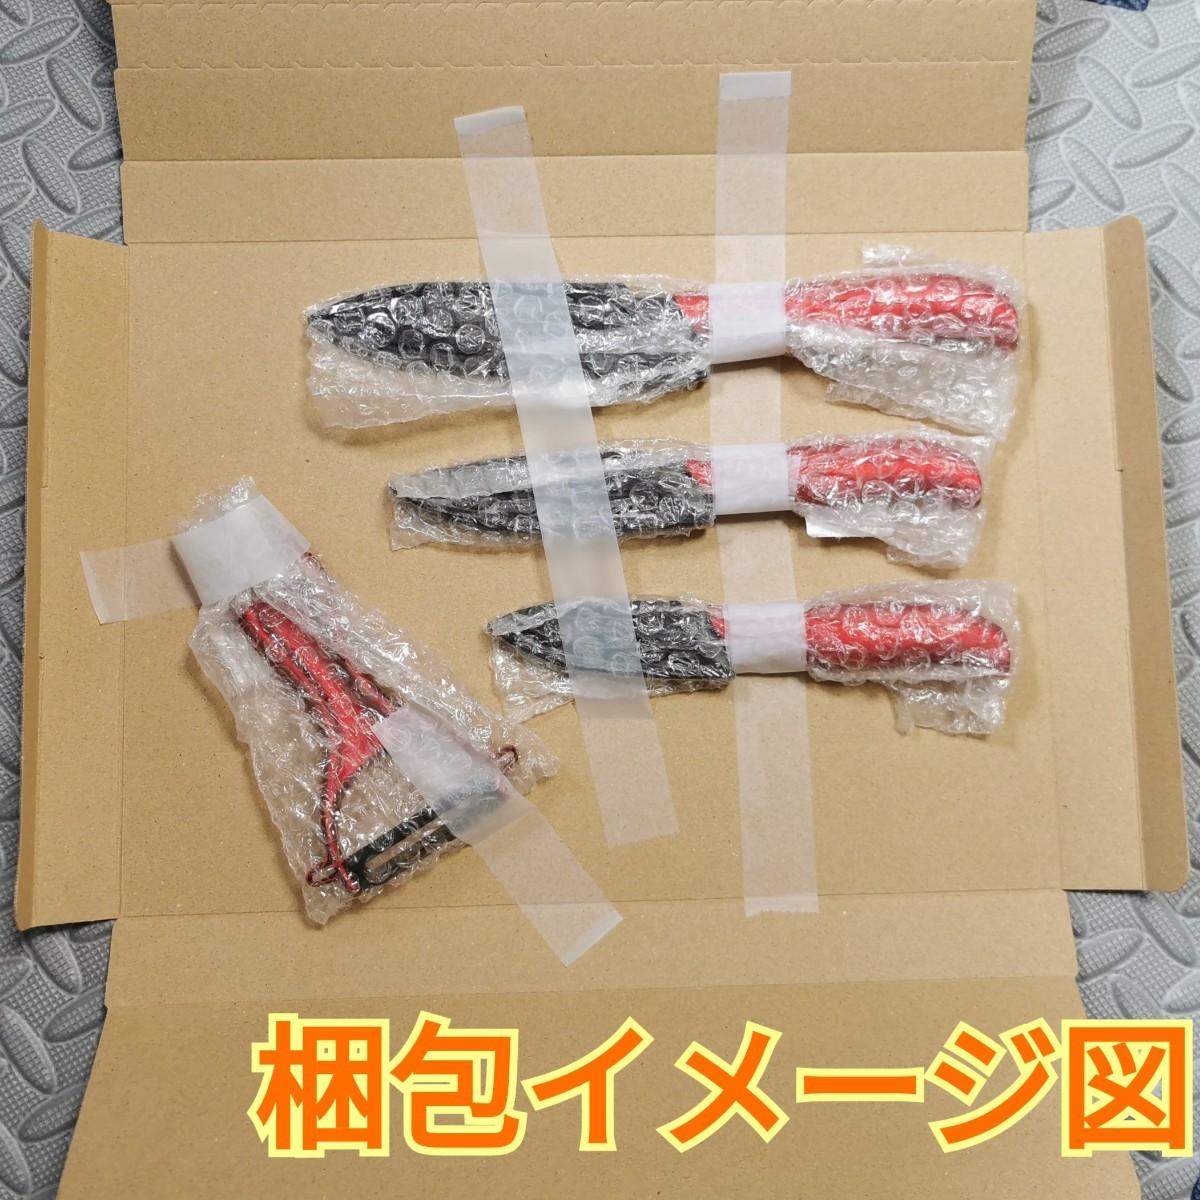 セラミック 包丁  3本セット + ピーラー付き ナイフ 黒 ジルコニア